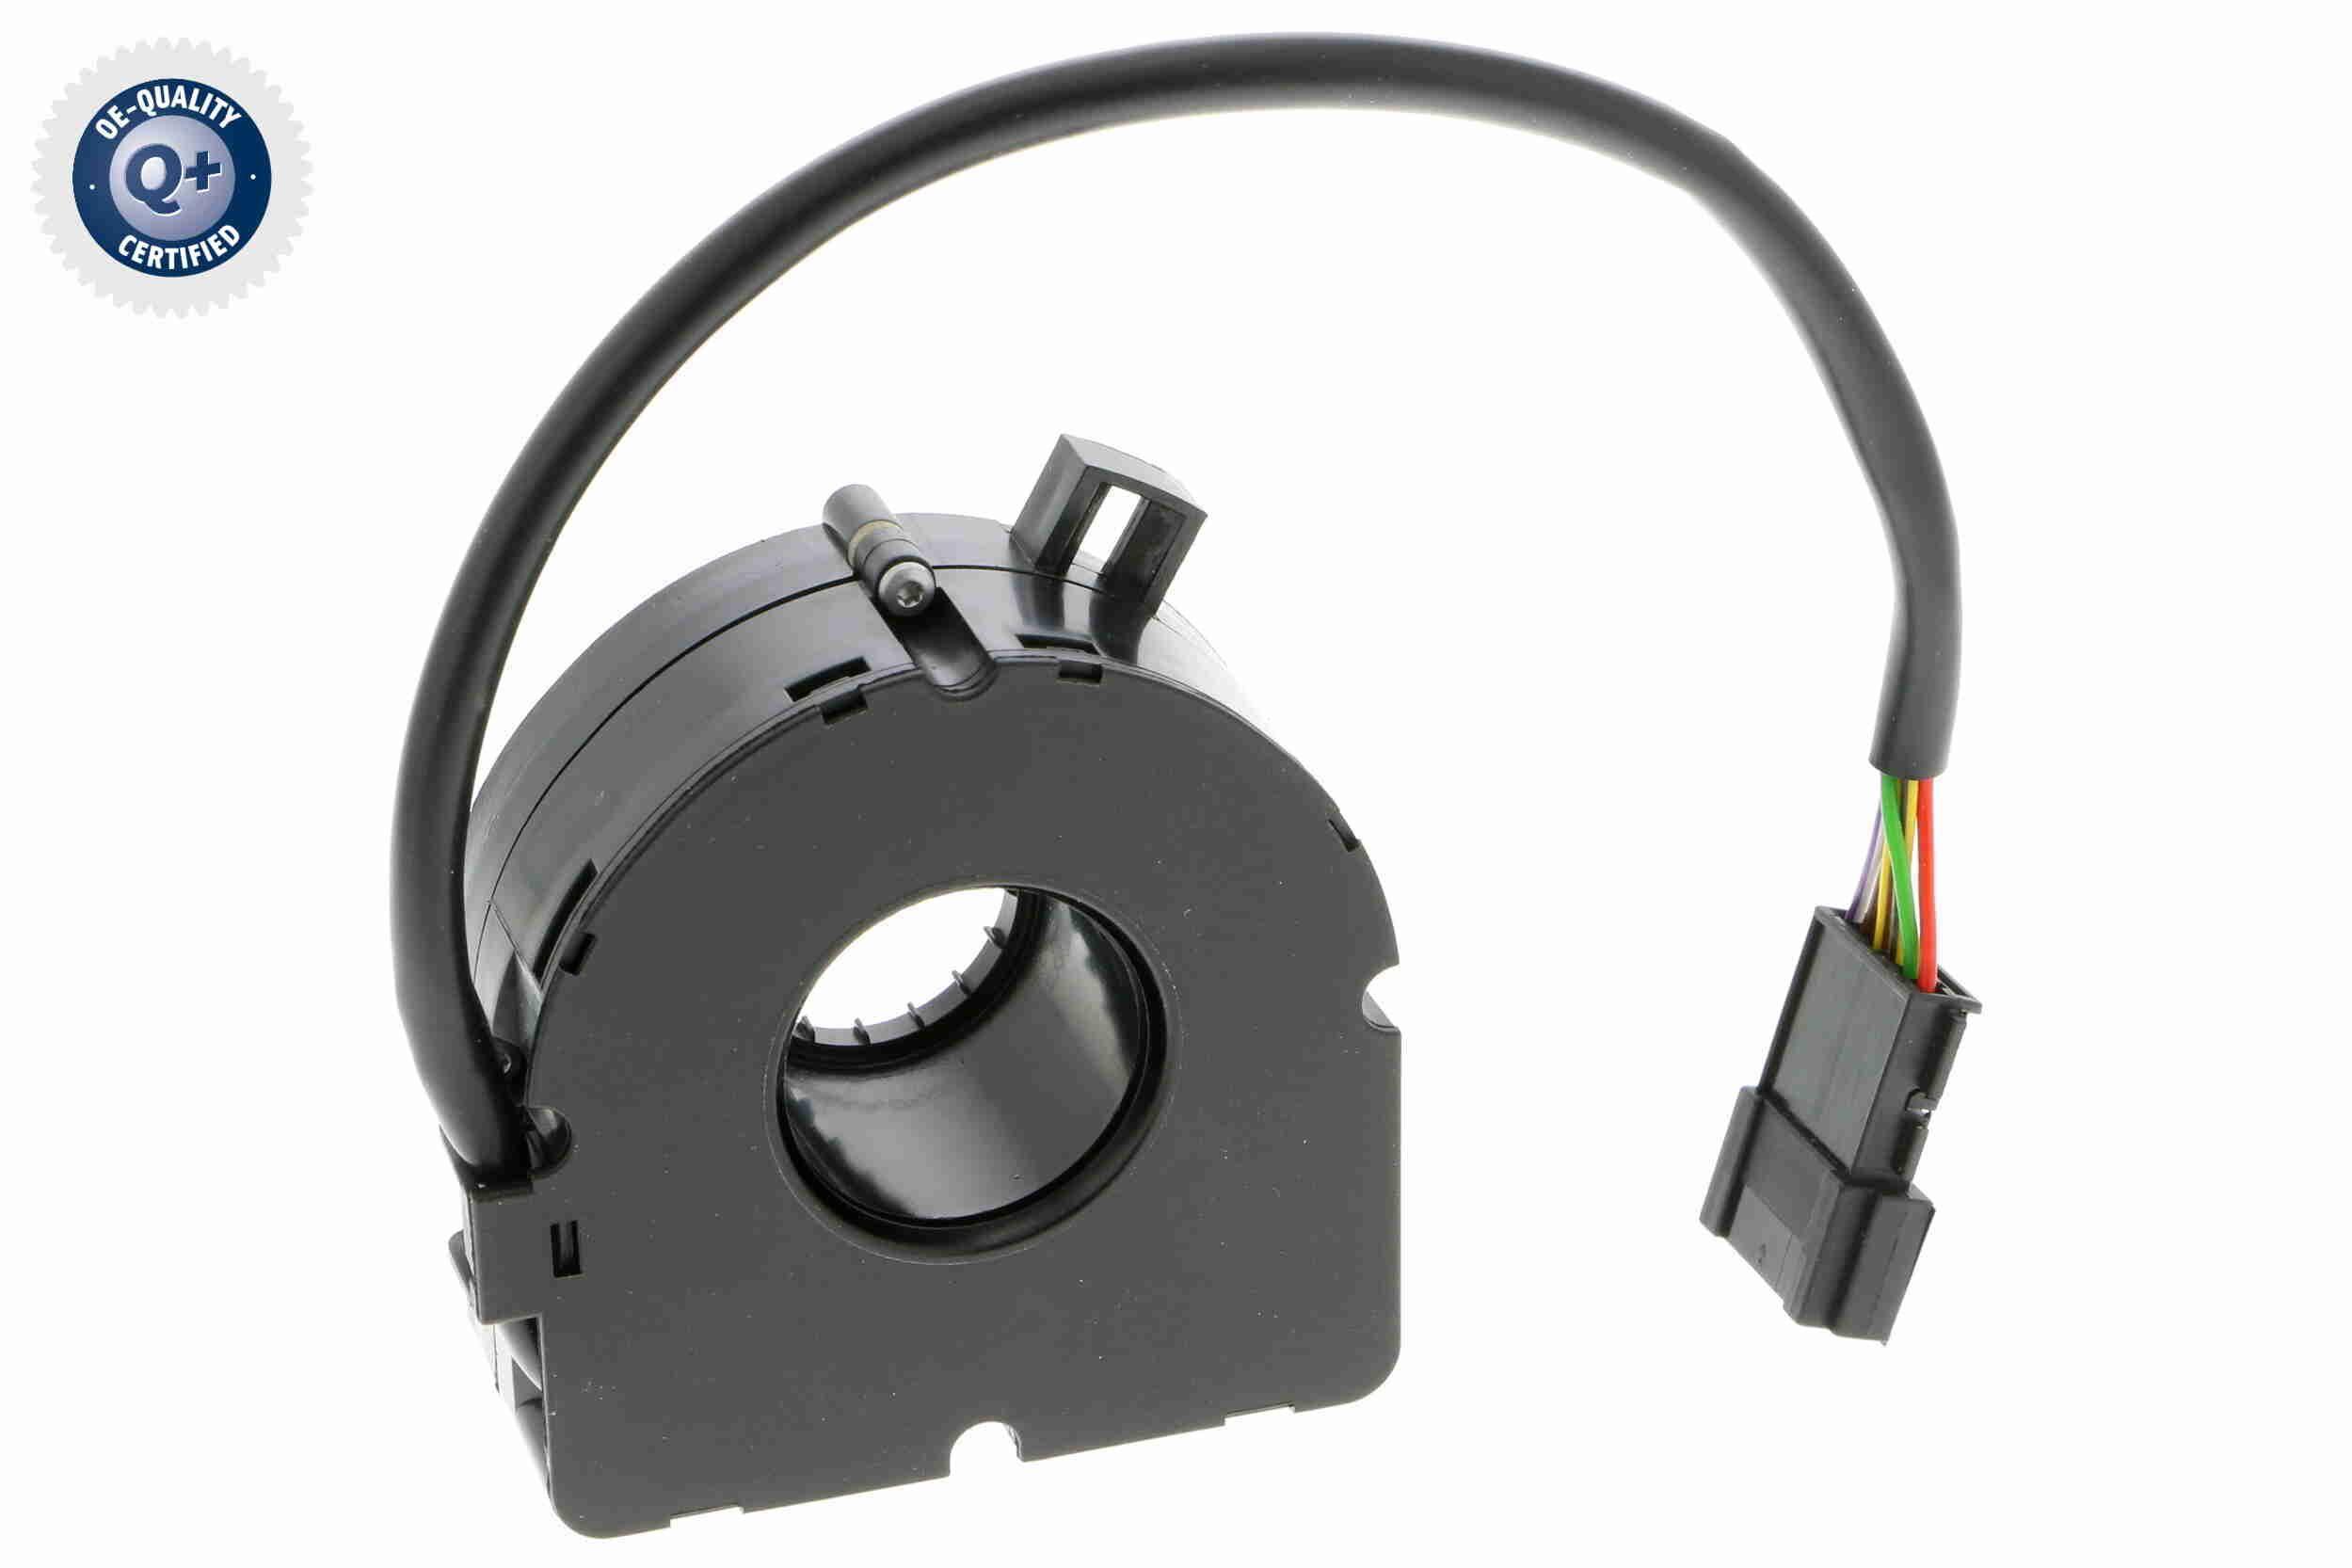 Lenkwinkelsensor V20-72-0105 VEMO V20-72-0105 in Original Qualität